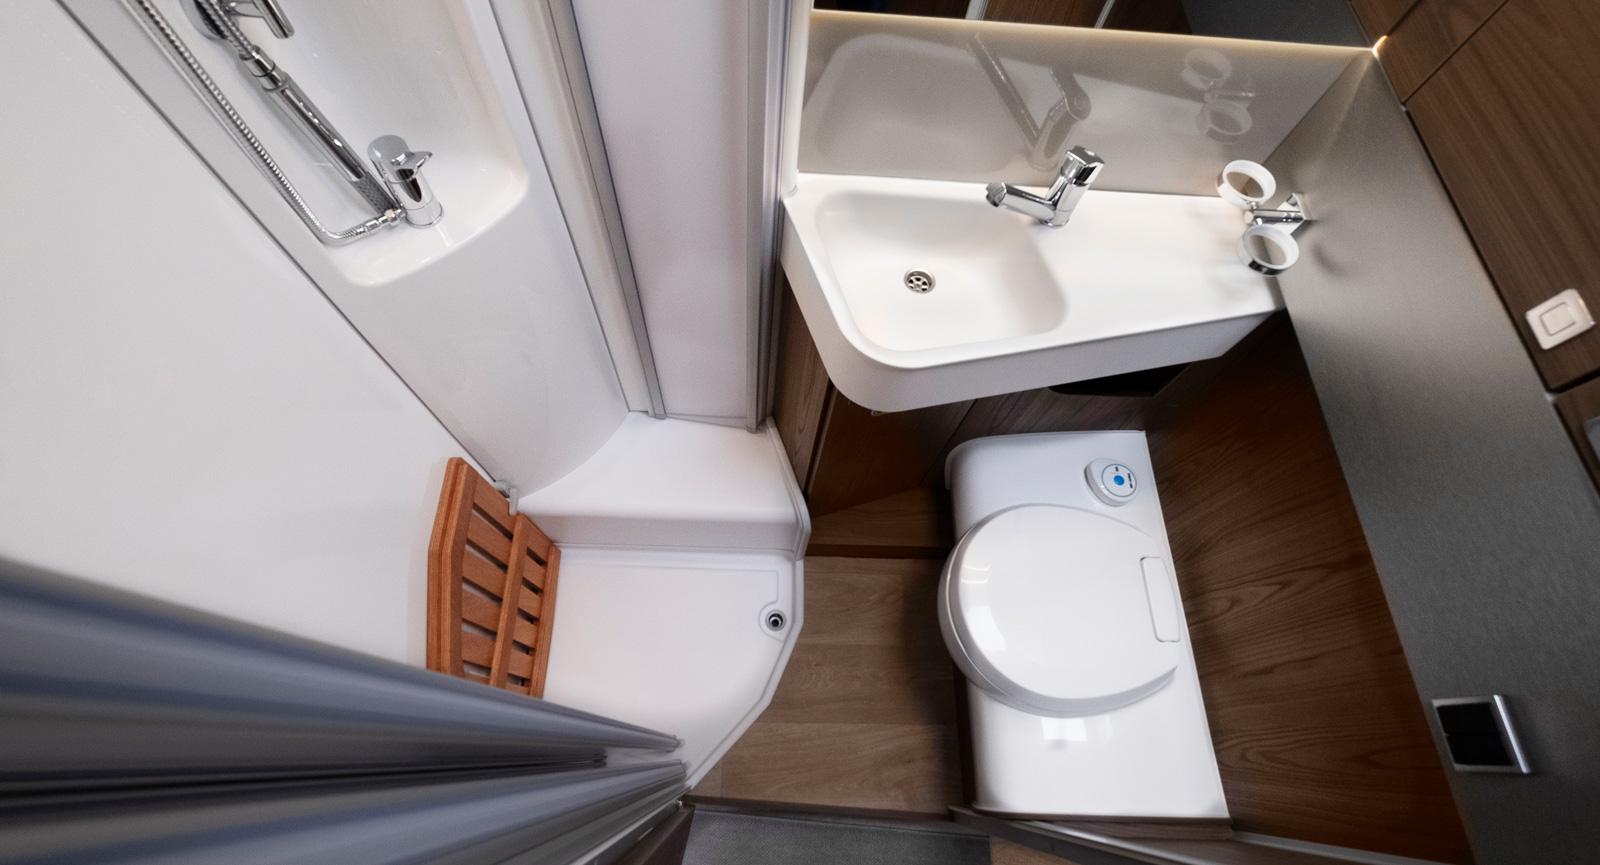 Även i badrummet tittar metallen fram på sina ställen. Det är dock ett fullt fungerande badrum där även det praktiska fått sitt.